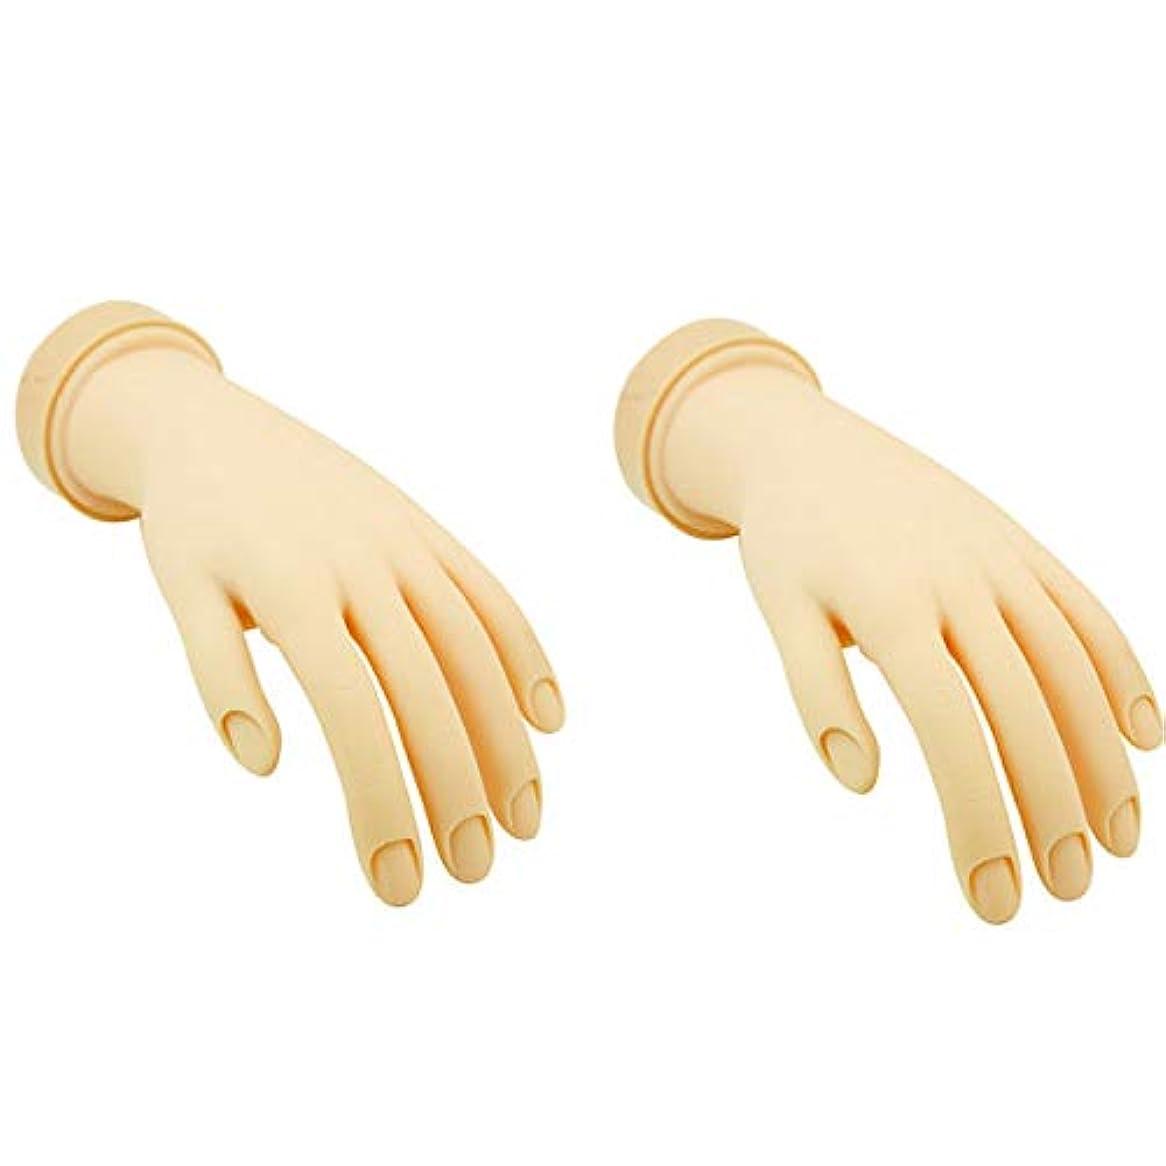 母音市の花エリートトレーニングハンド (ネイル用) 左手 (2個セット) [ 練習用マネキン 手 指 ハンドマネキン マネキン 施術用 トレーニング ]